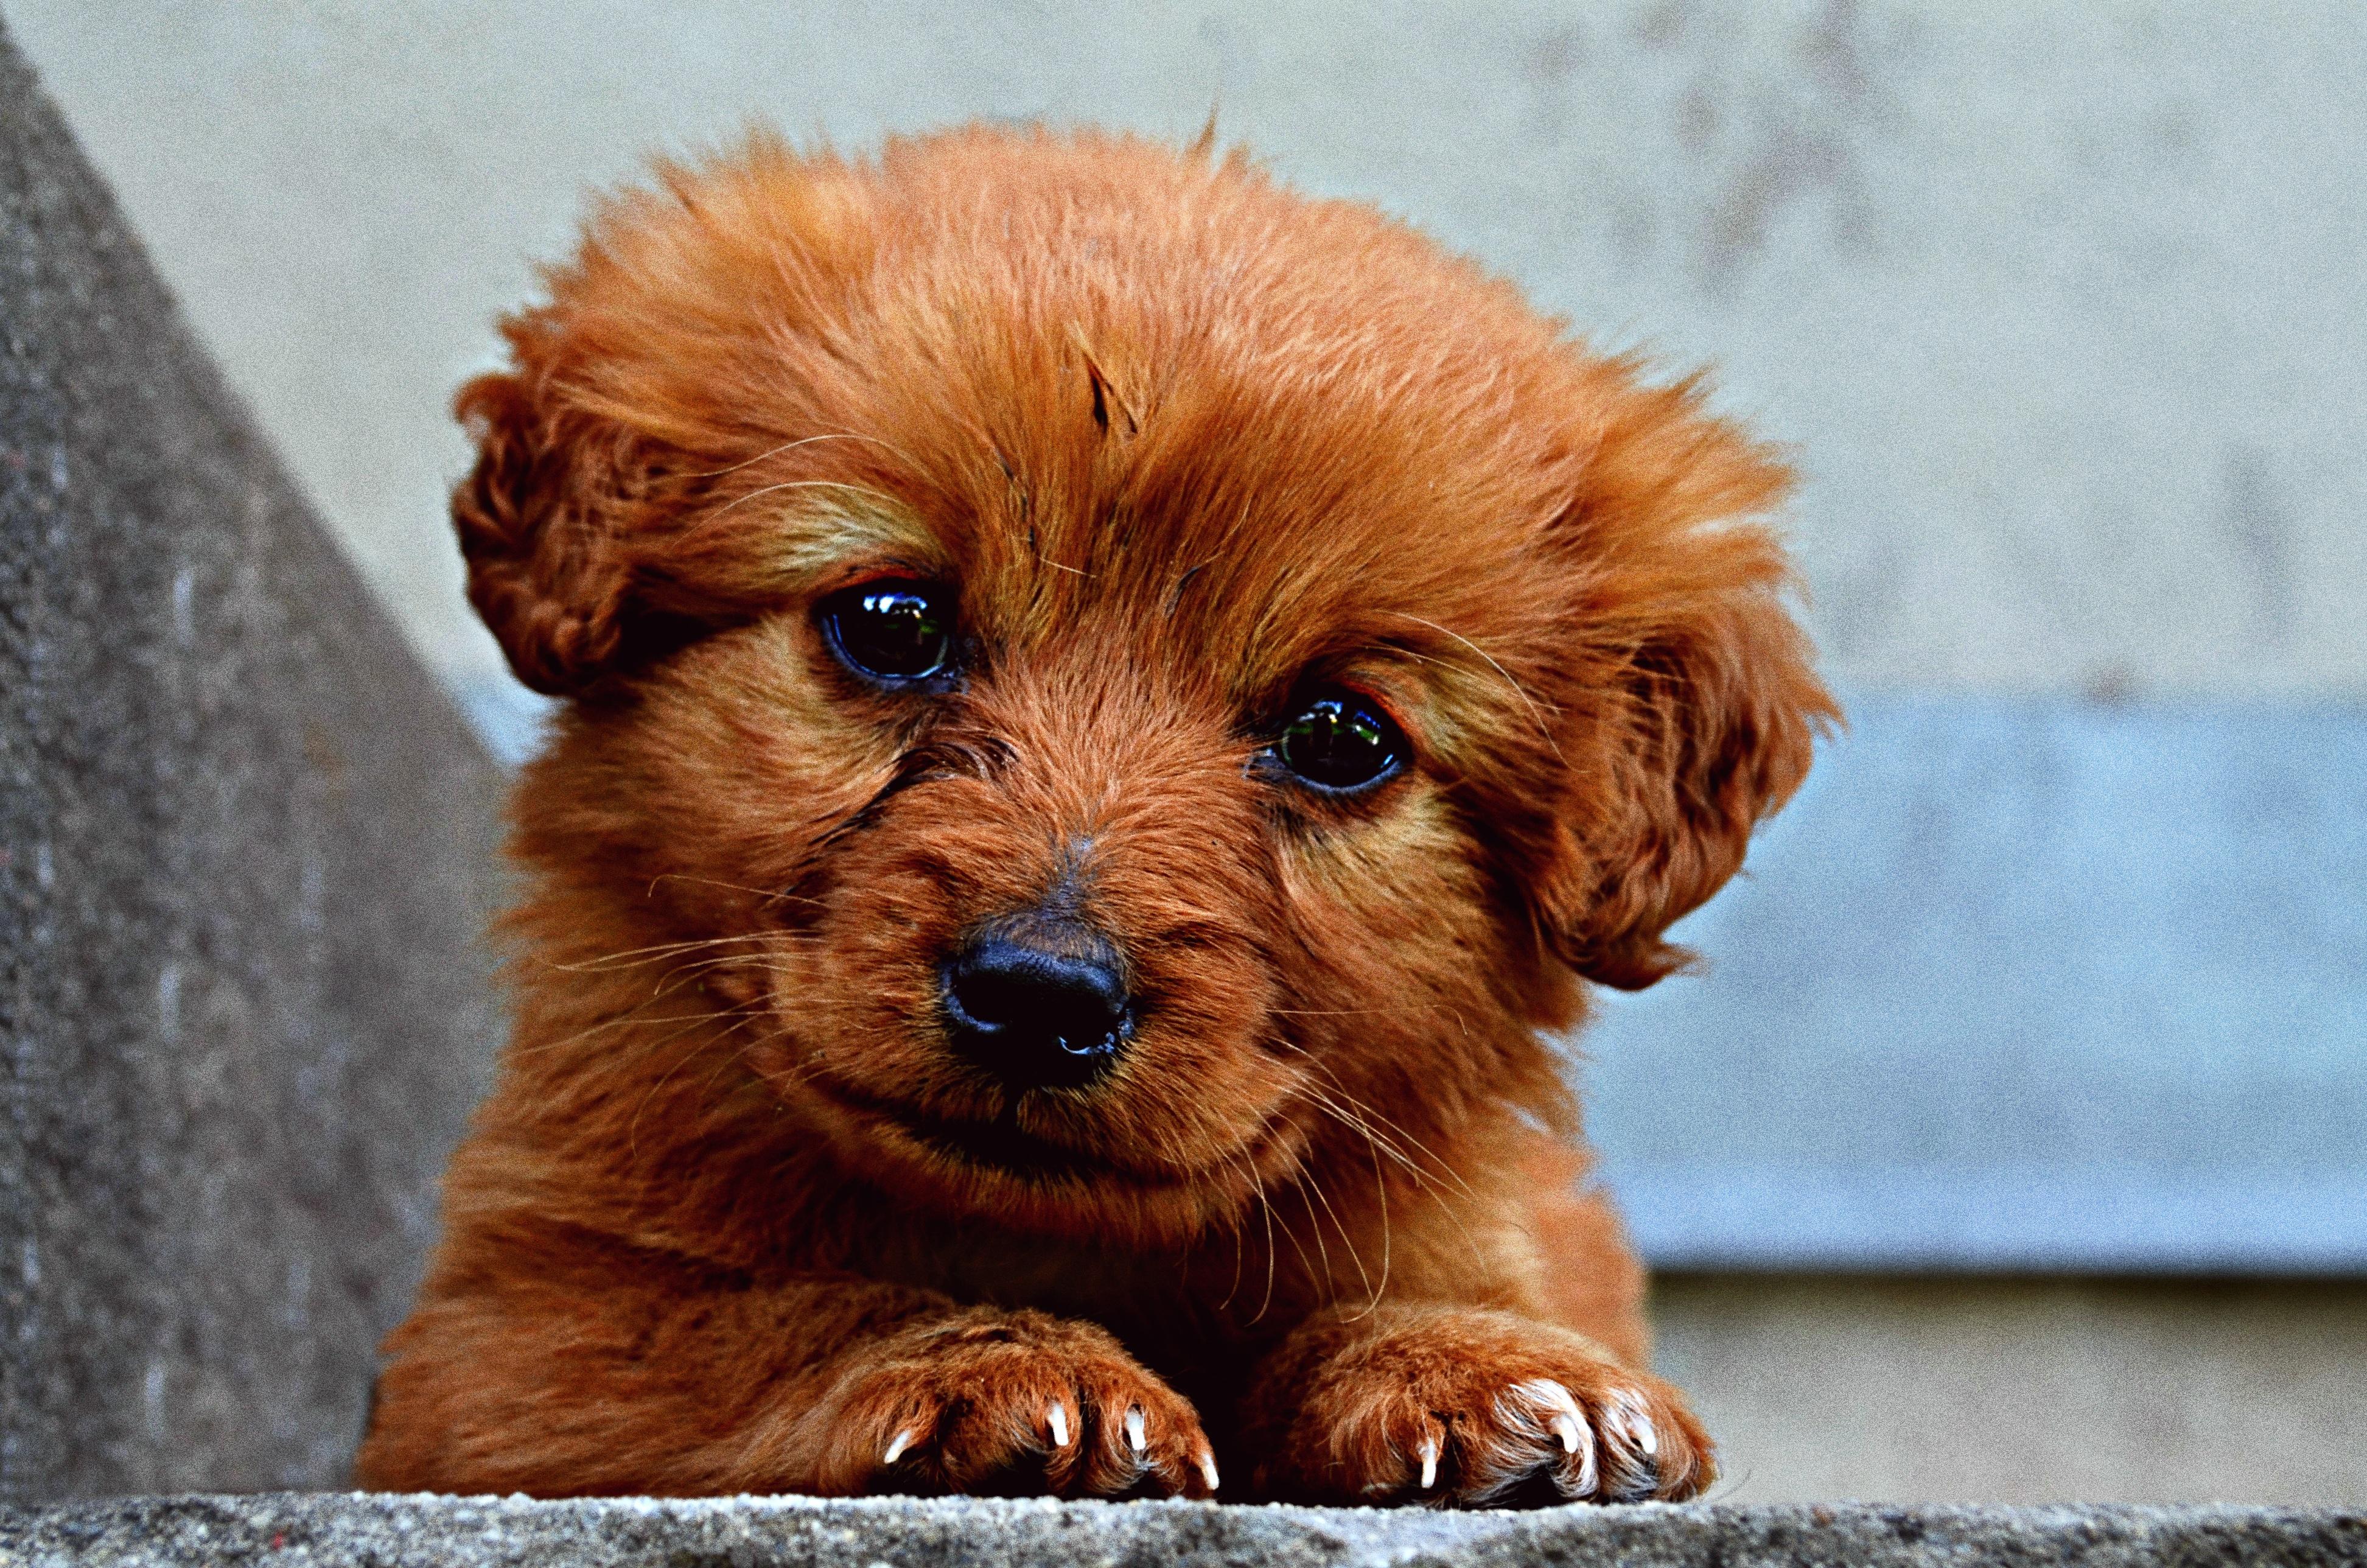 VegNews.Puppy